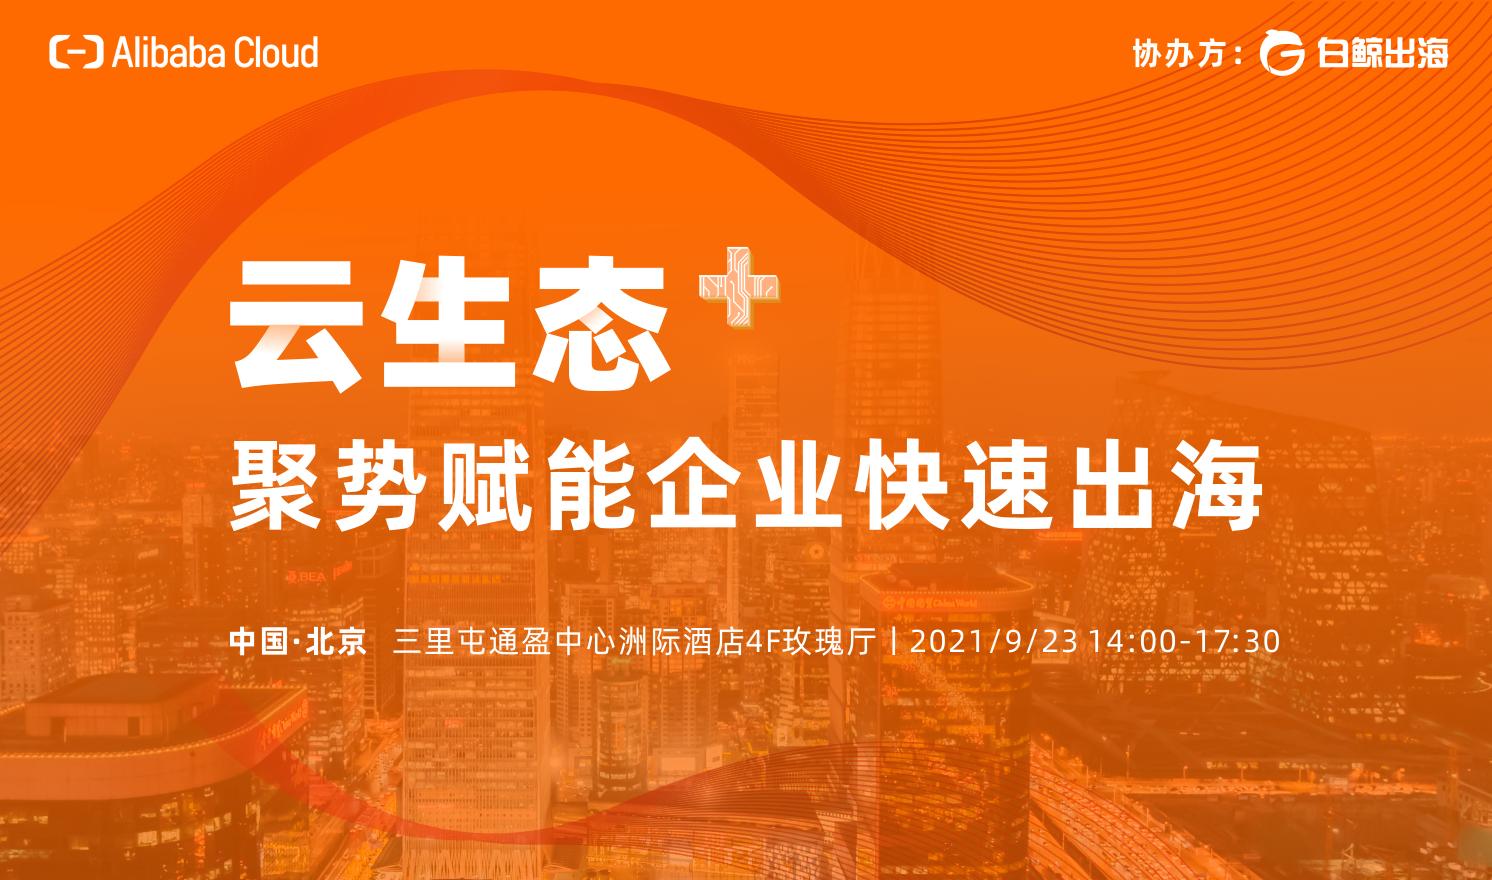 云生态+ 聚势赋能企业快速出海(2021-09-23)